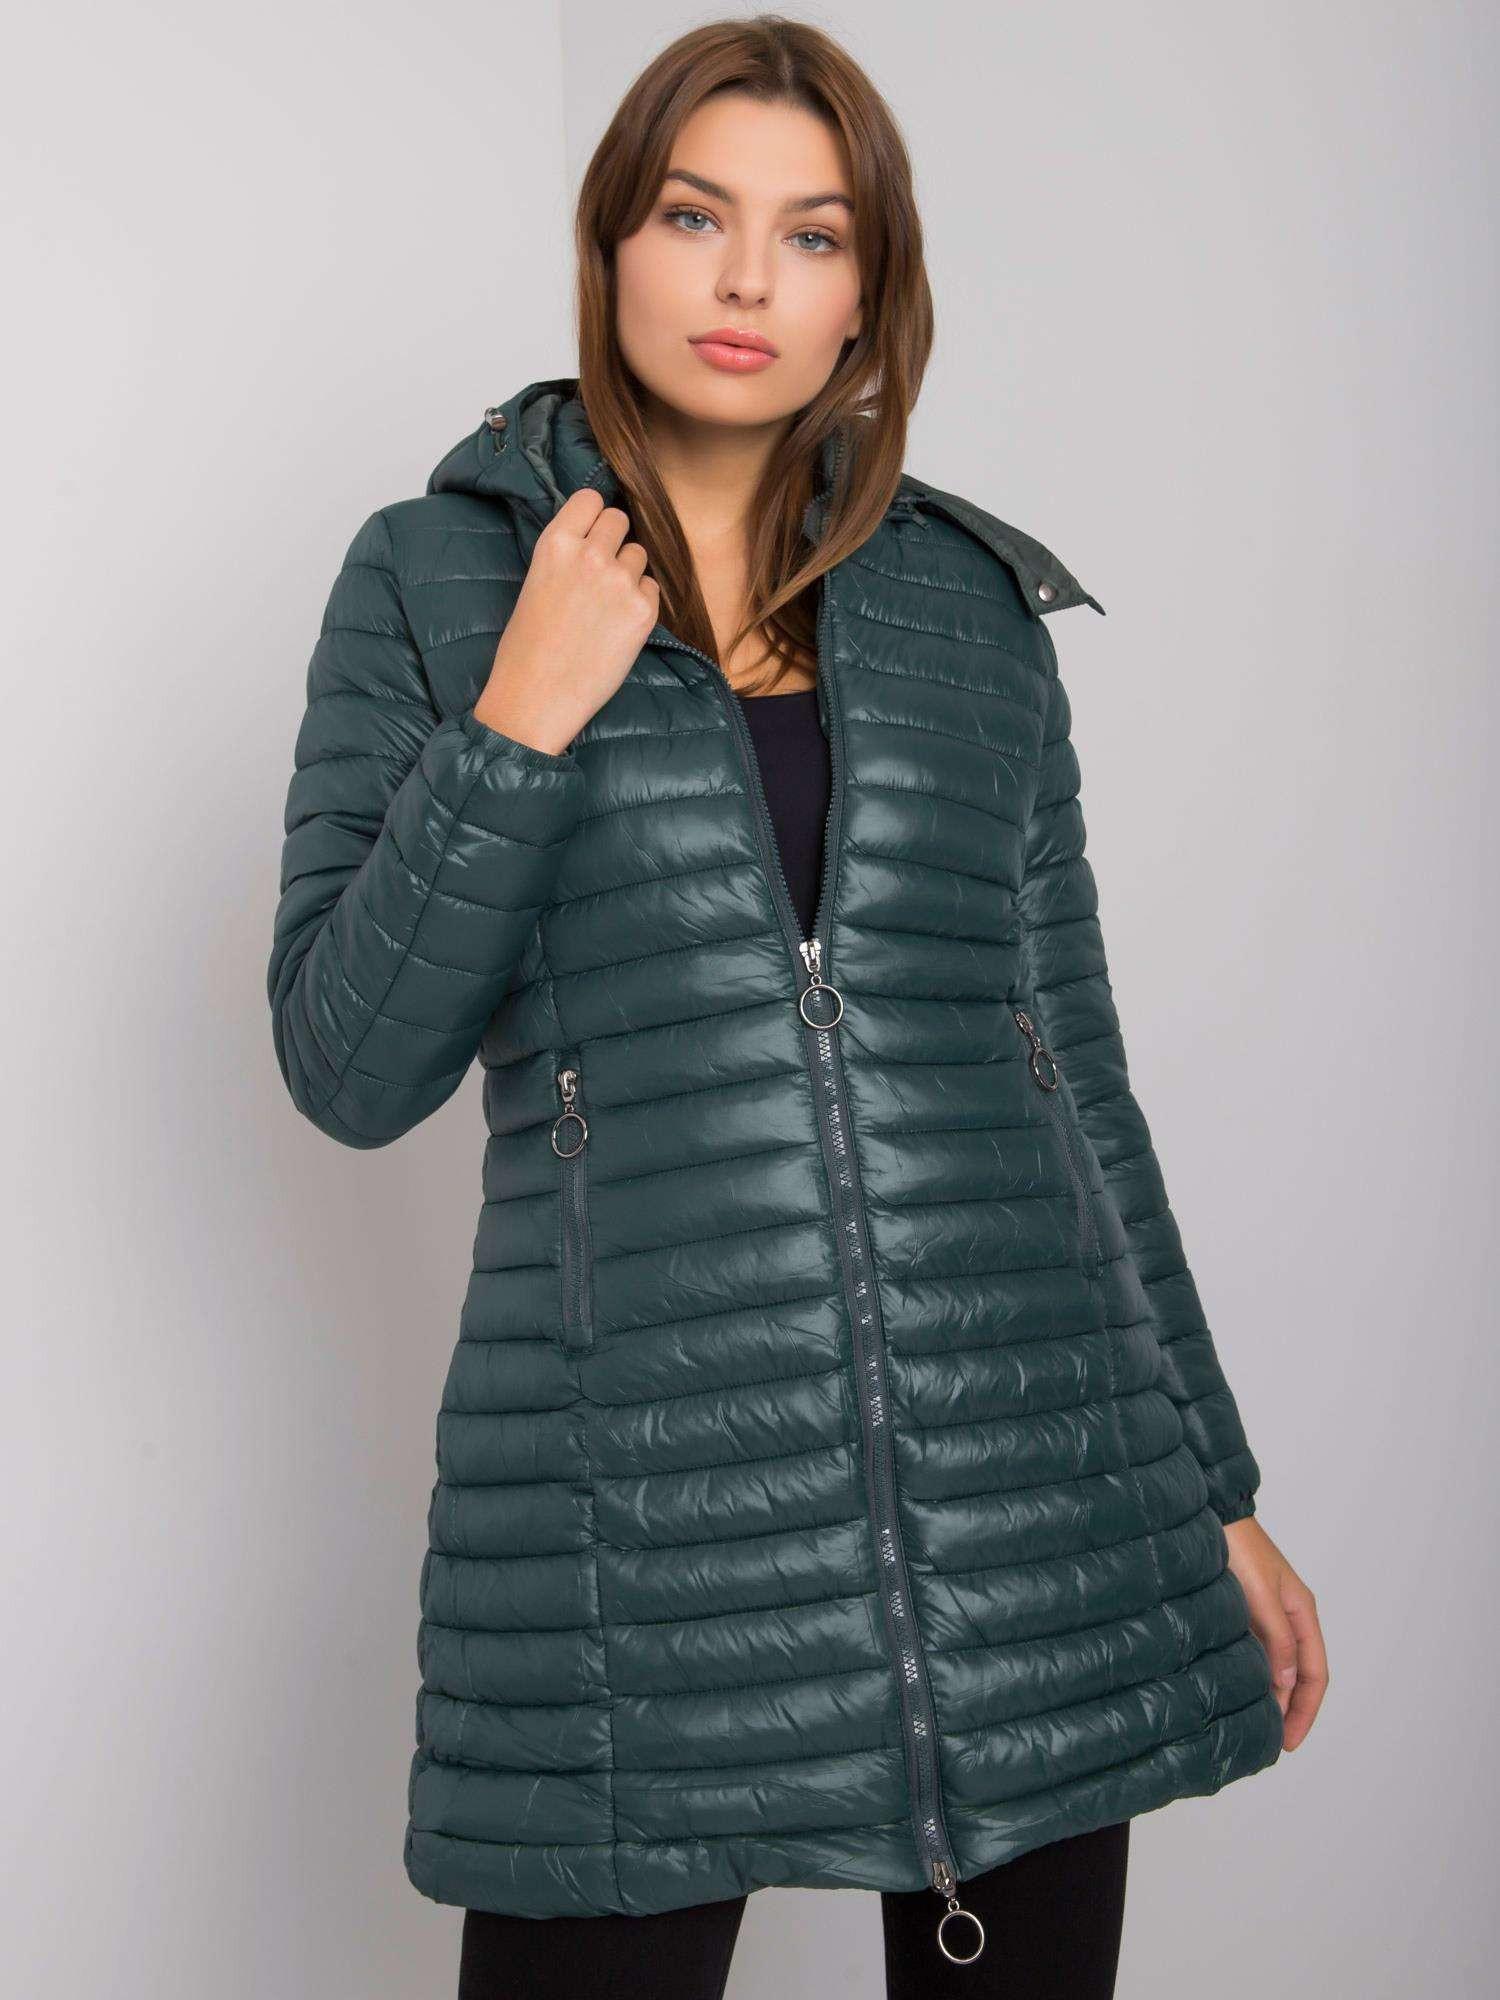 Tmavozelená dámska bunda s kapucňou S